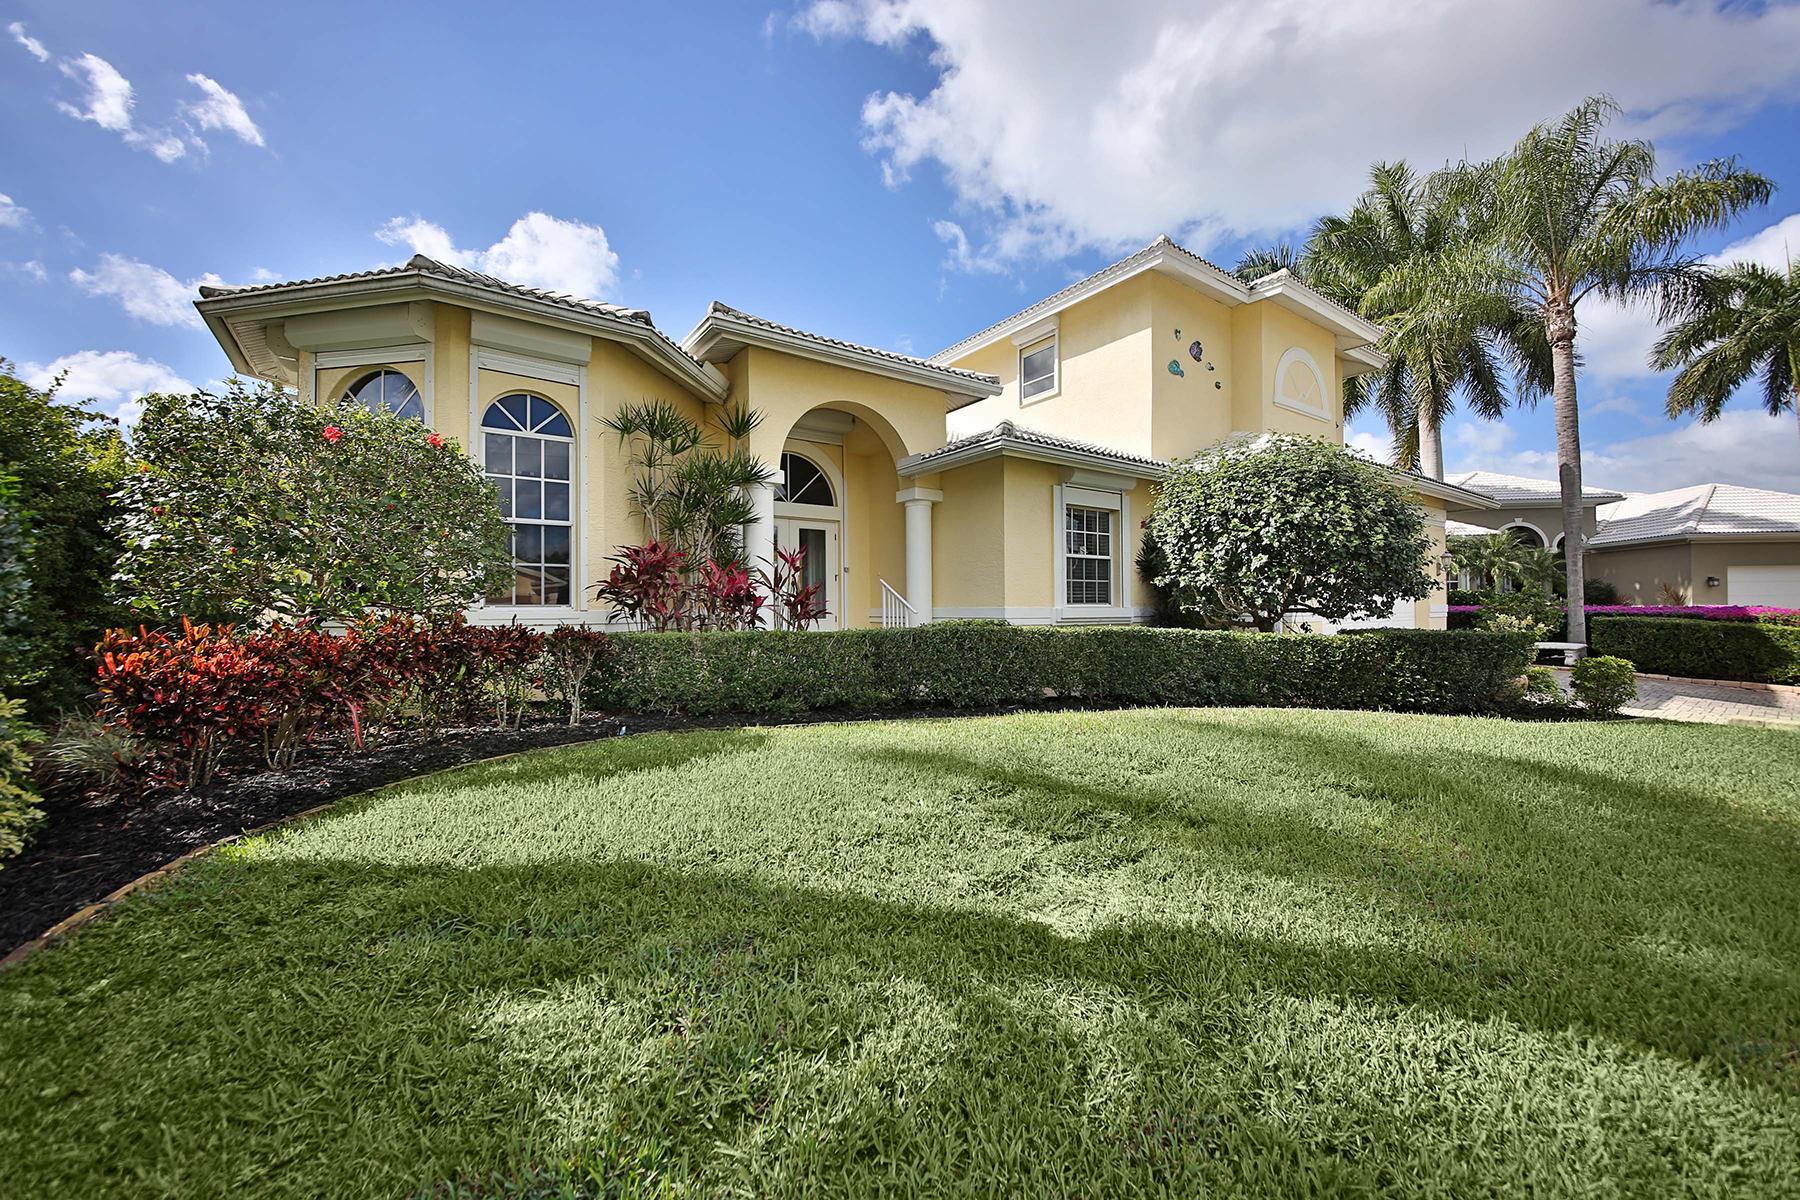 独户住宅 为 销售 在 MARCO ISLAND 132 Shorecrest Ct 马可岛, 佛罗里达州, 34145 美国